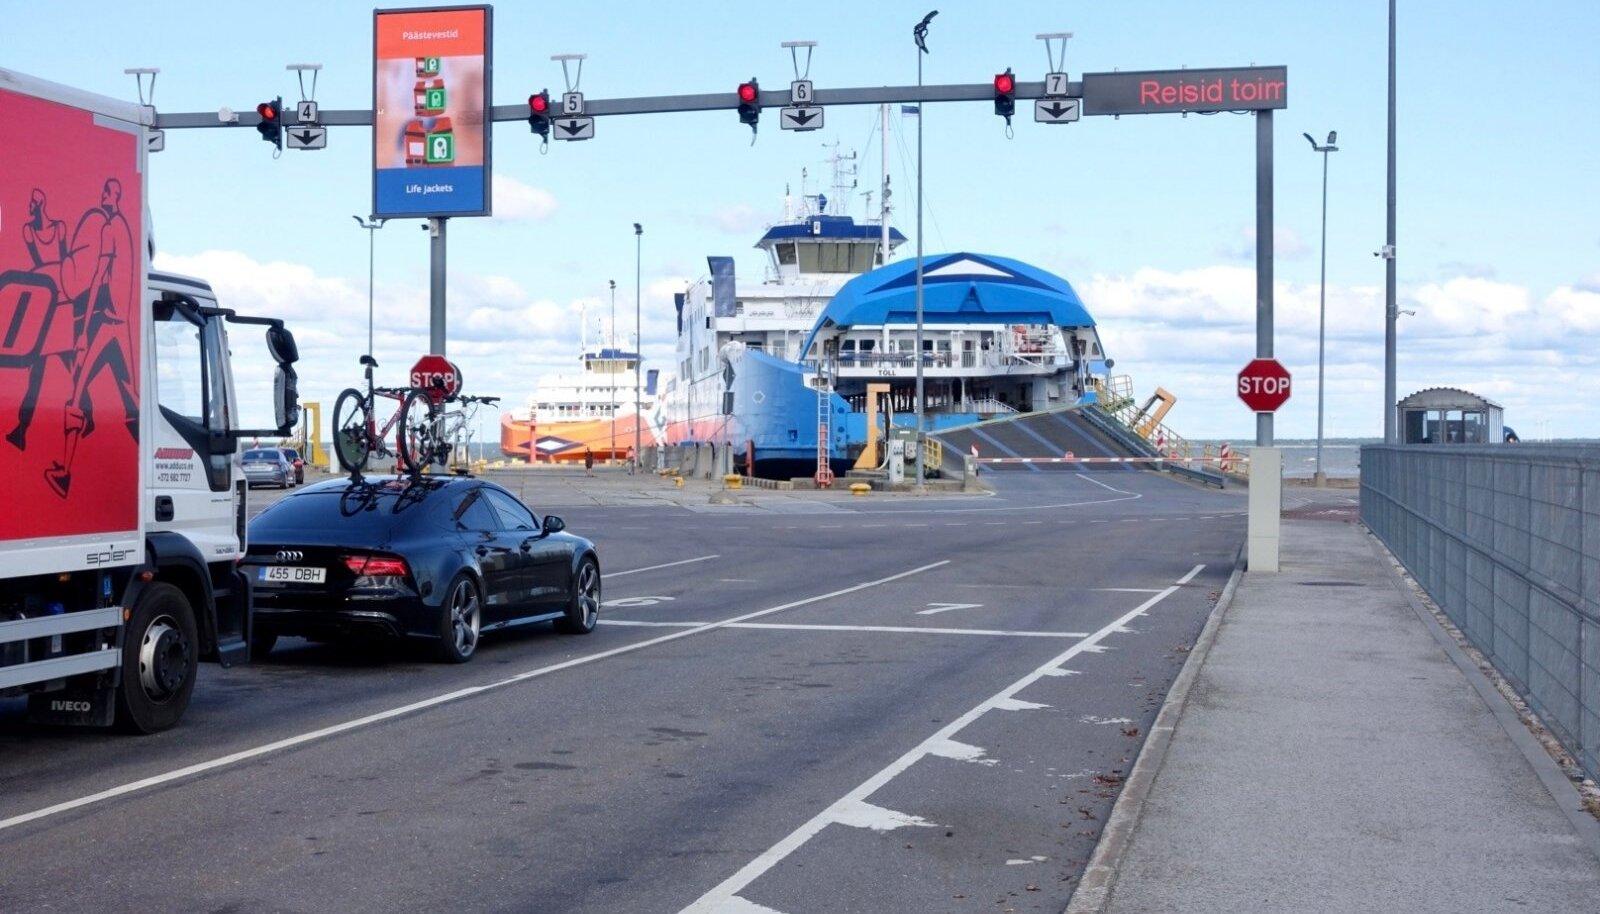 Kolmapäeval sõitis Tõll Kuivastus vastu kaid, põhjustades korraliku segaduse Saaremaale ja mandri vahelises transpordiühenduses.